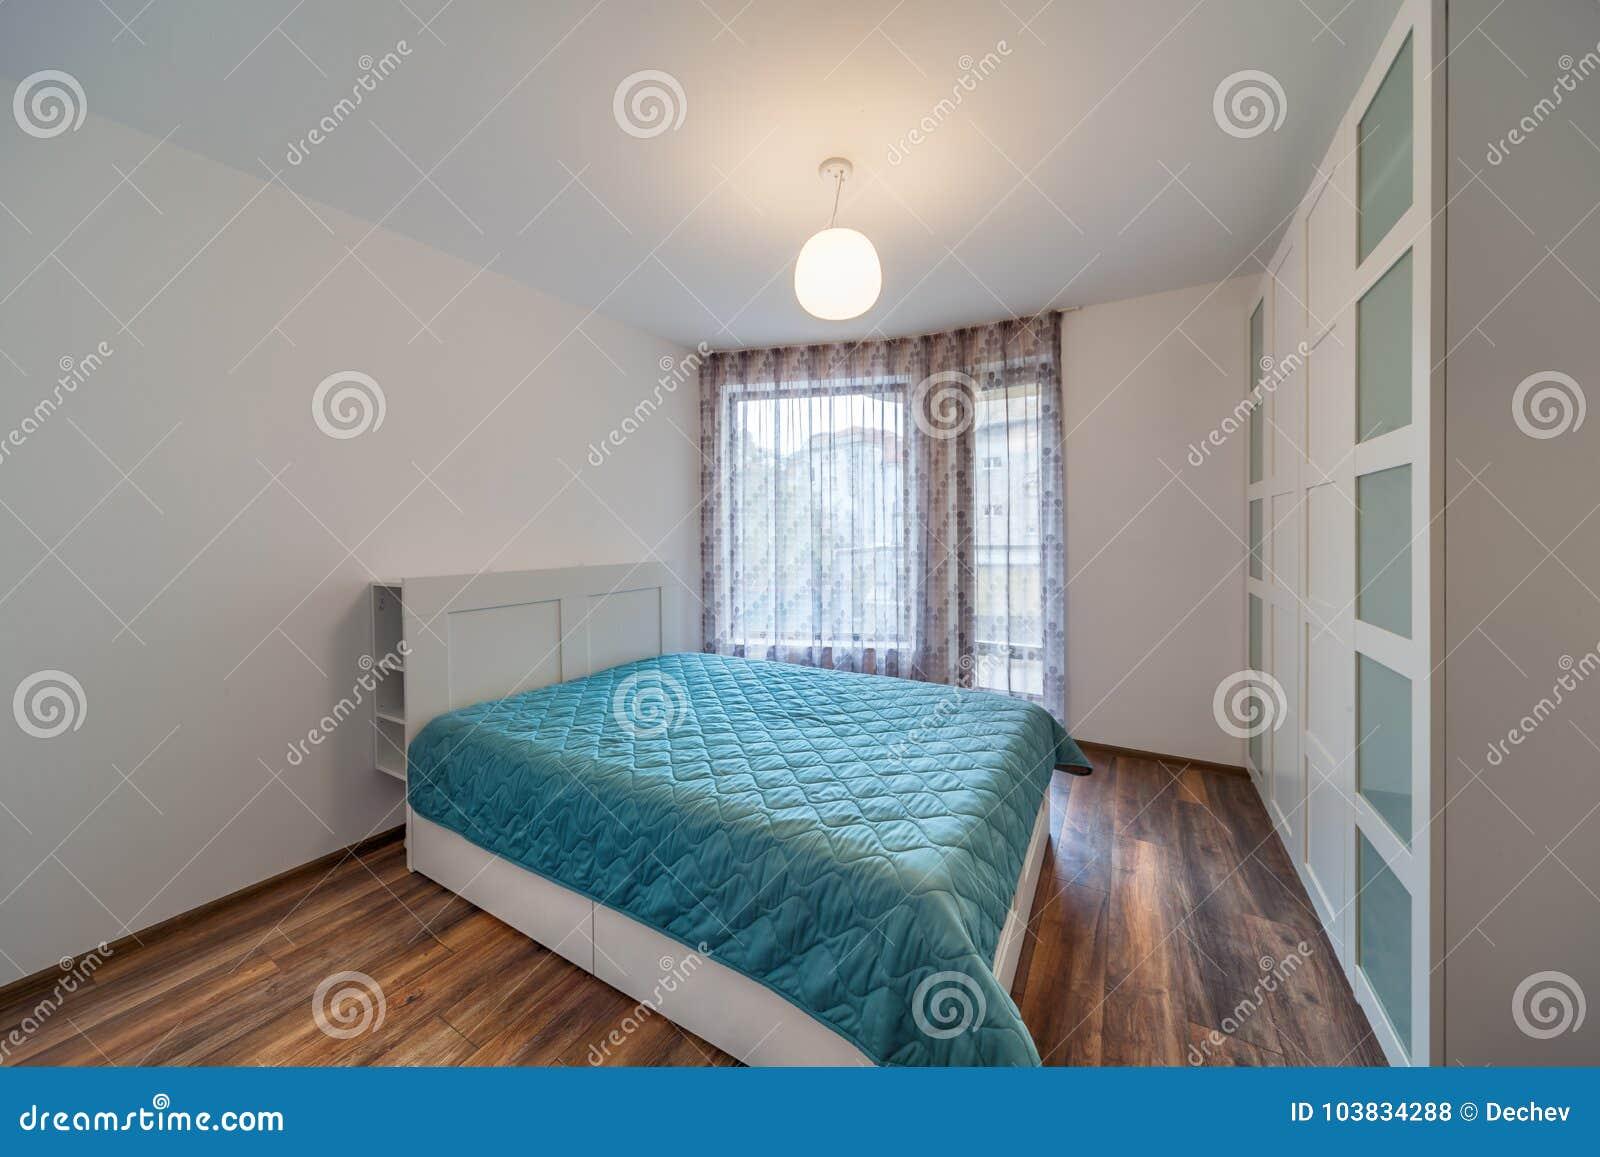 Houten Vloer Slaapkamer : Nieuwe moderne slaapkamer nieuw huis binnenlandse fotografie houten